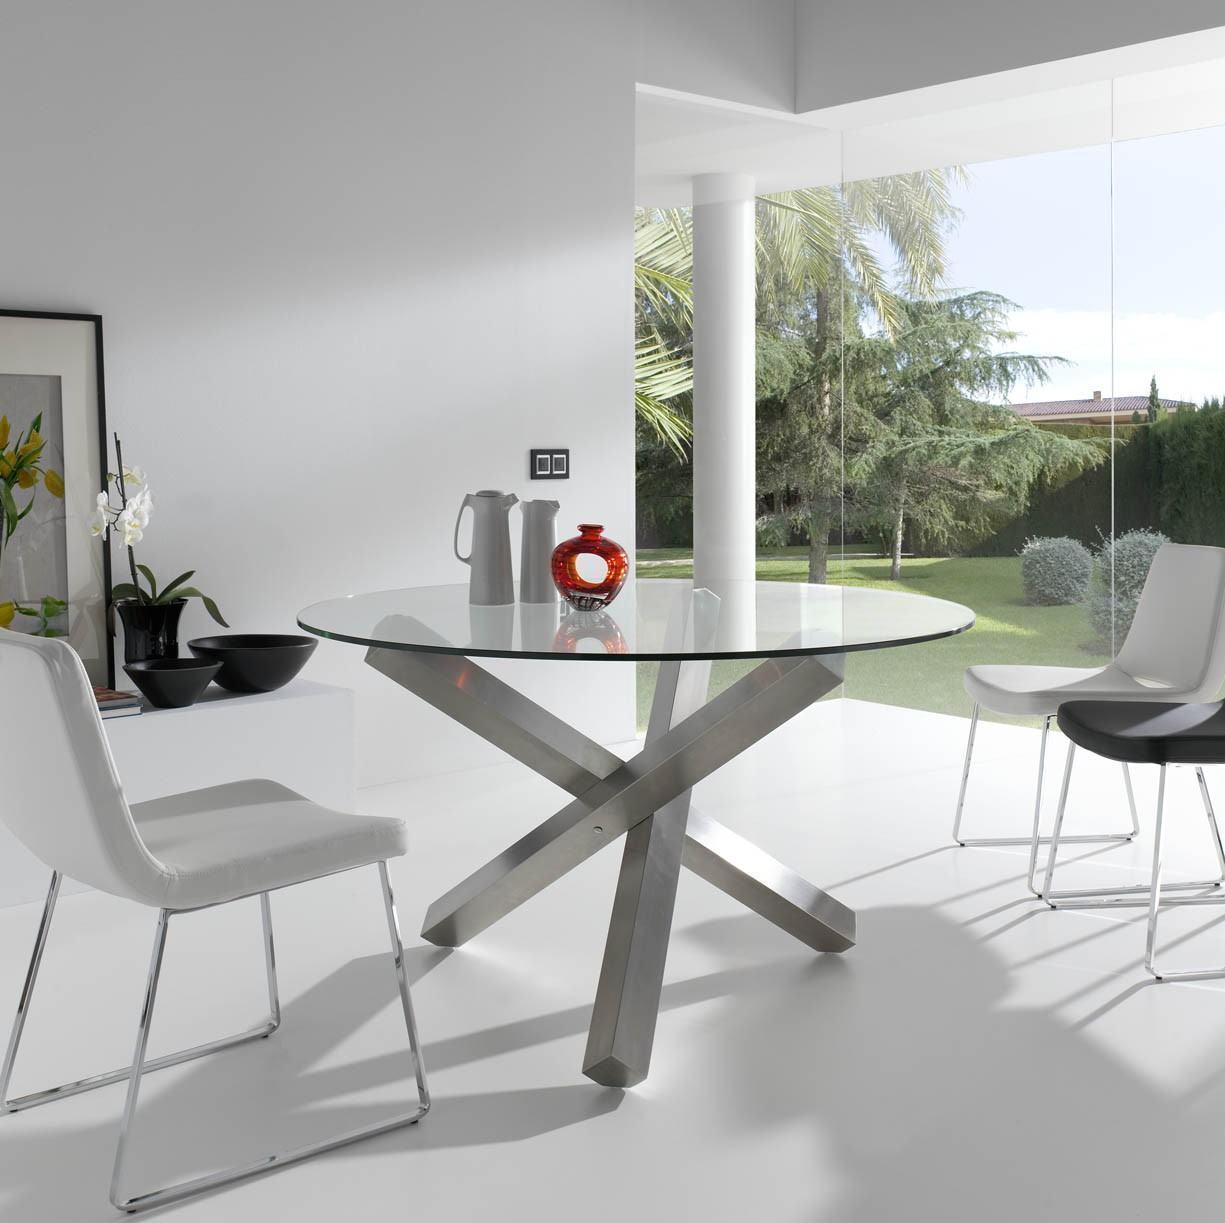 Mesa de vidro 60 modelos de jantar redondos 4 e 6 cadeiras for Mesas redondas modernas